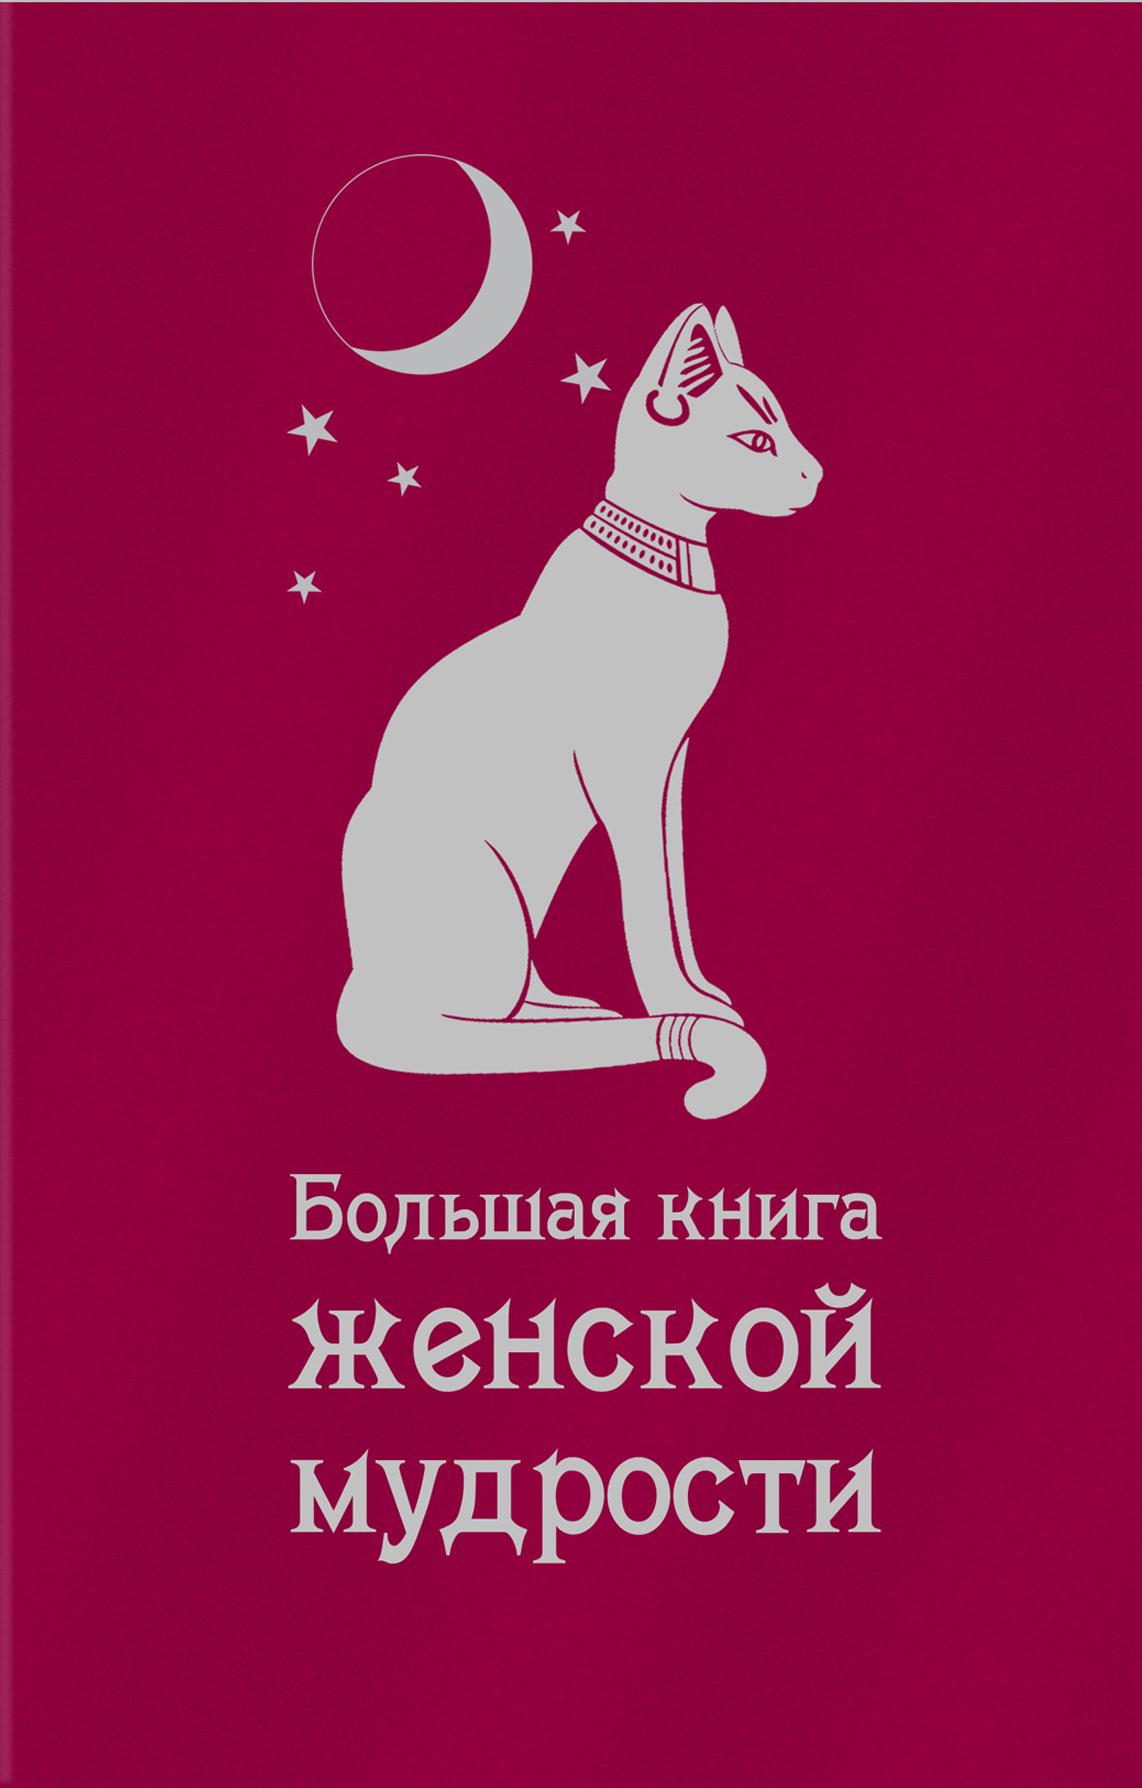 Большая книга женской мудрости (сборник)